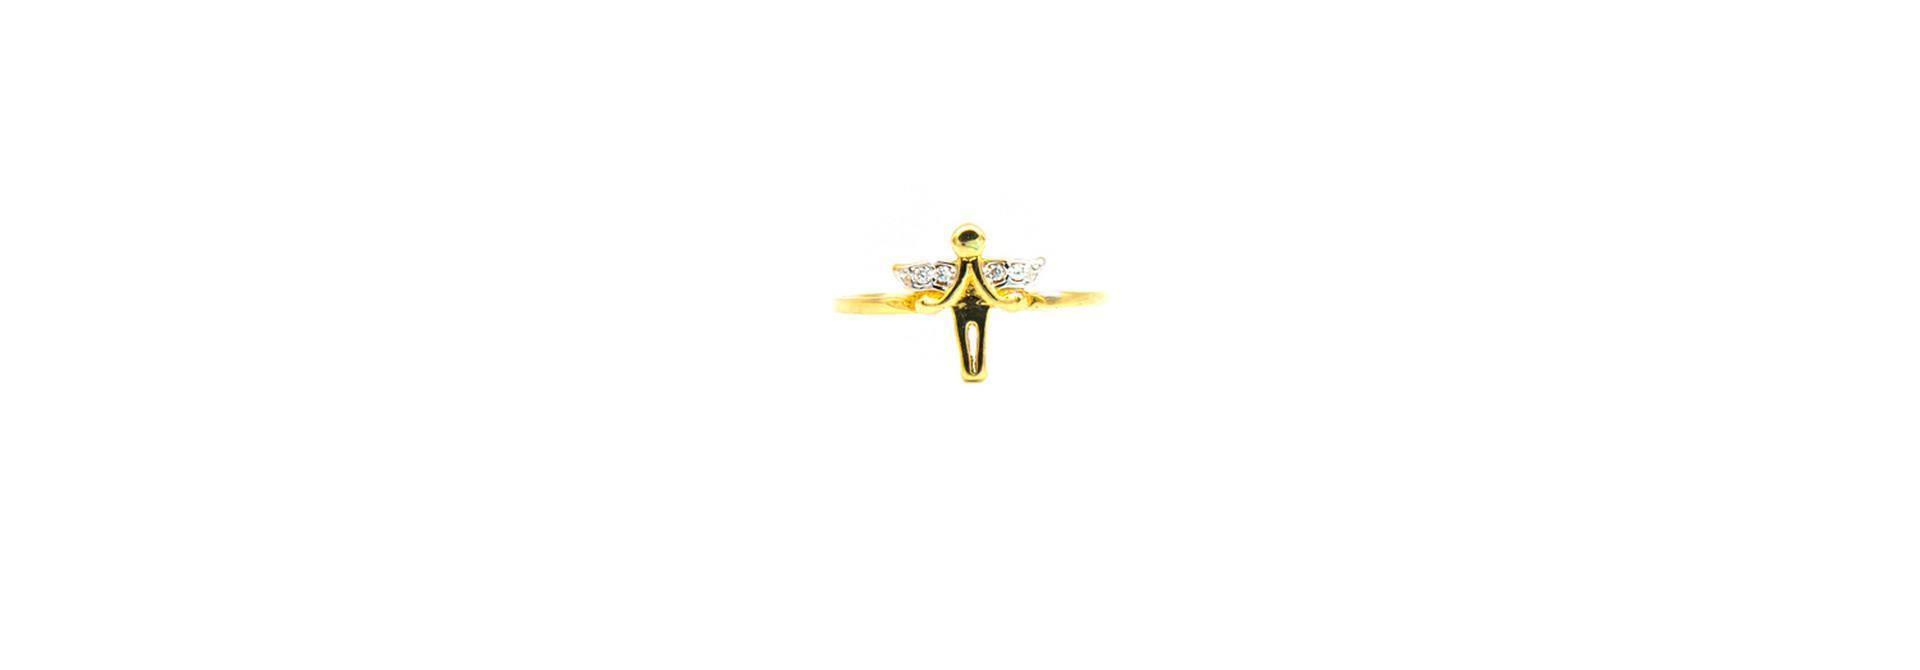 Ring engel bicolor bezet met zirkonia's